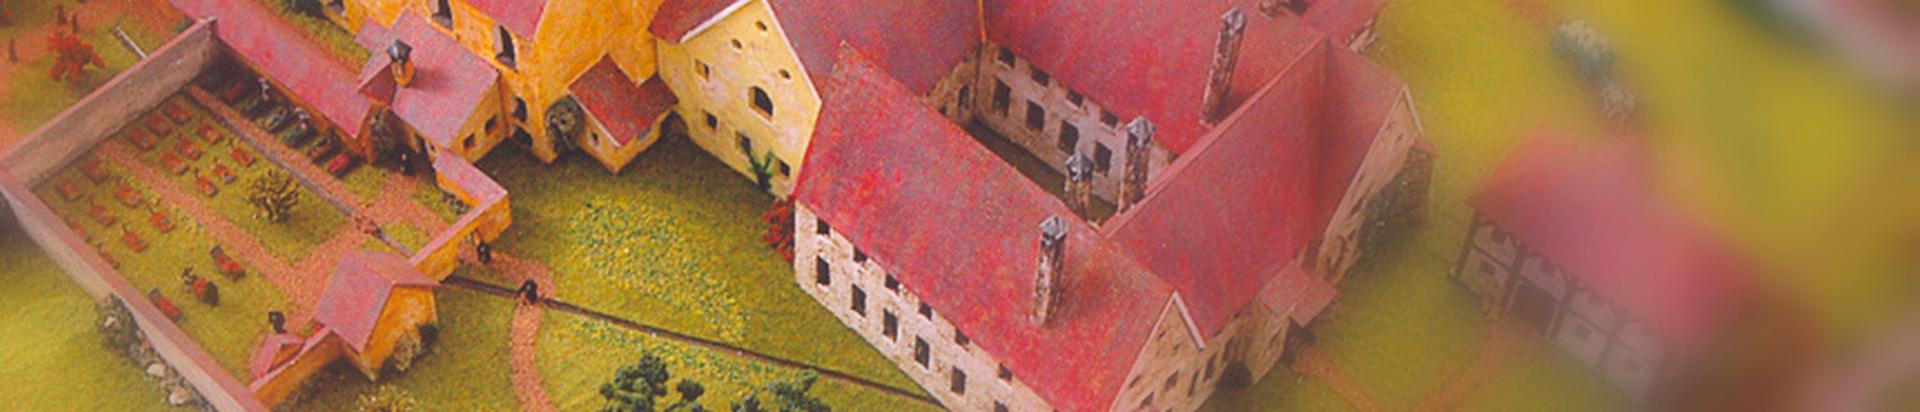 Klostermodell - Zustand um 1800 - Bild 2